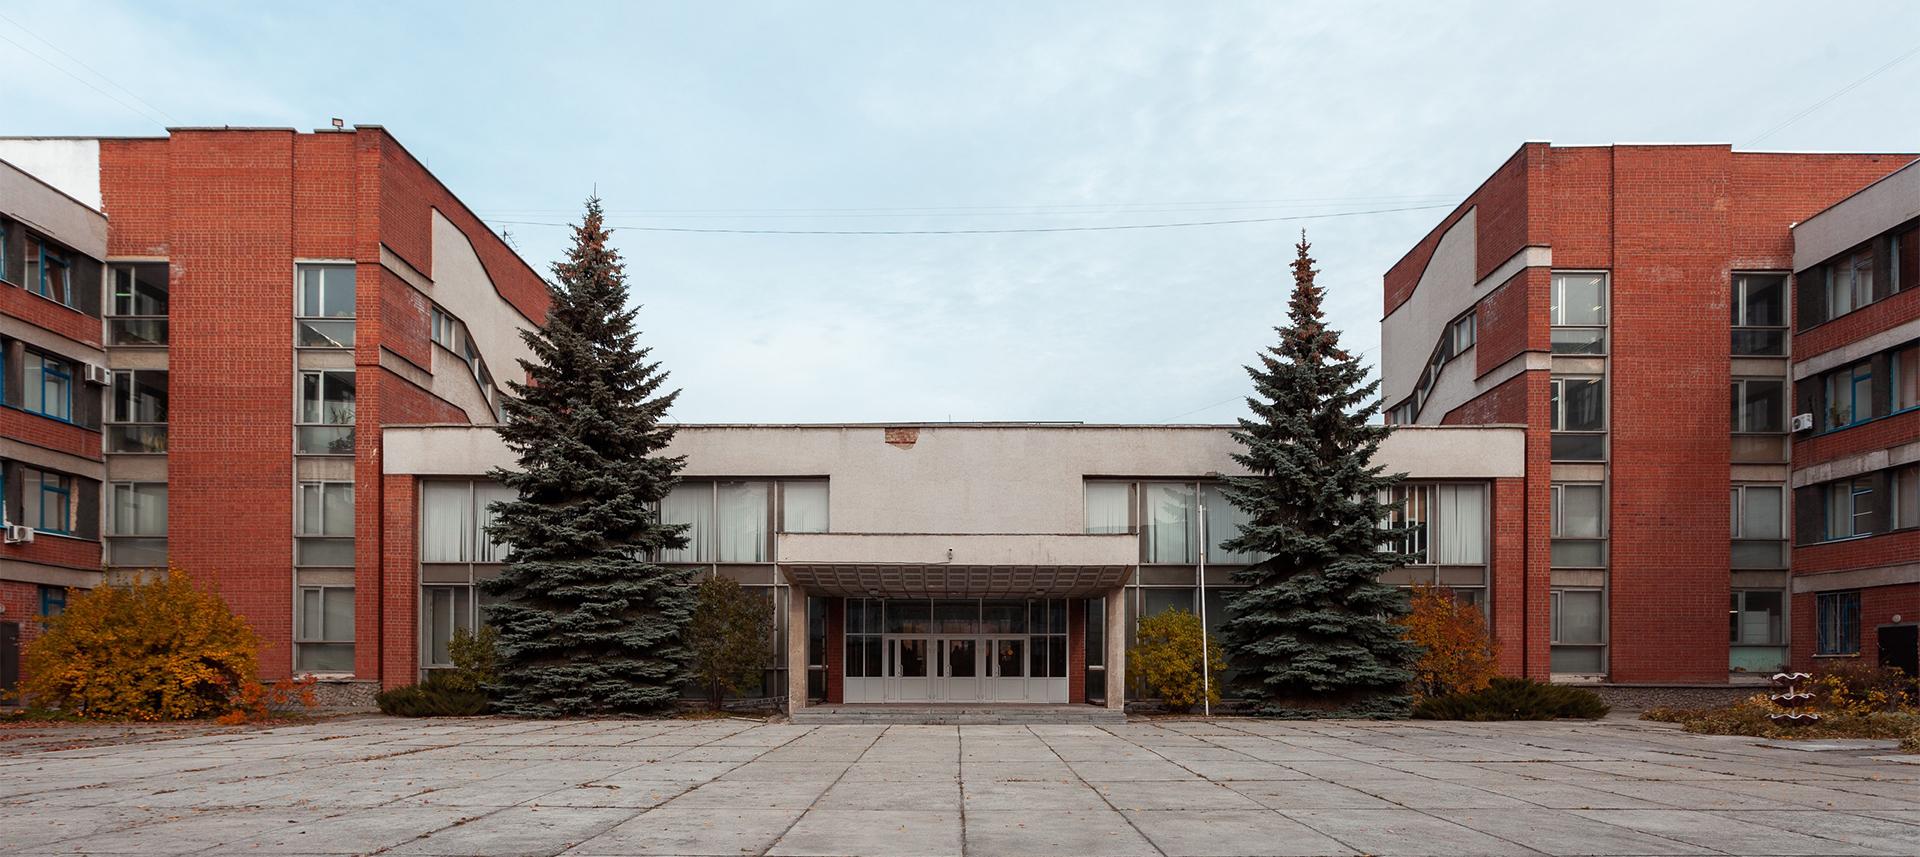 Первый свердловский кампус икирпичный модернизм: здание УрГПУ напроспекте Космонавтов